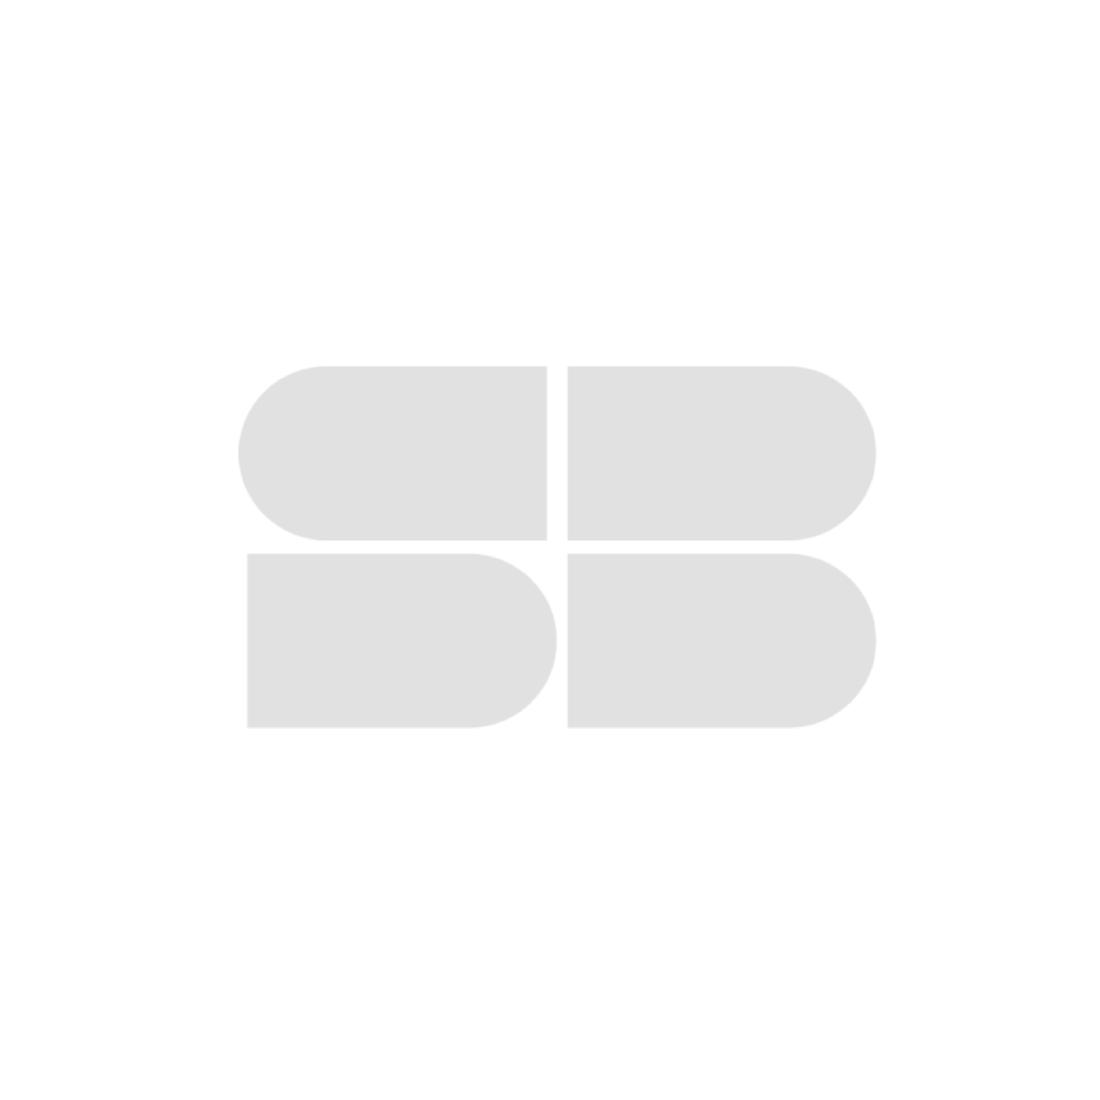 เก้าอี้ทานอาหาร เก้าอี้สตูลบาร์ไม้เบาะหนัง รุ่น A-Oslo สีสีเขียว-SB Design Square